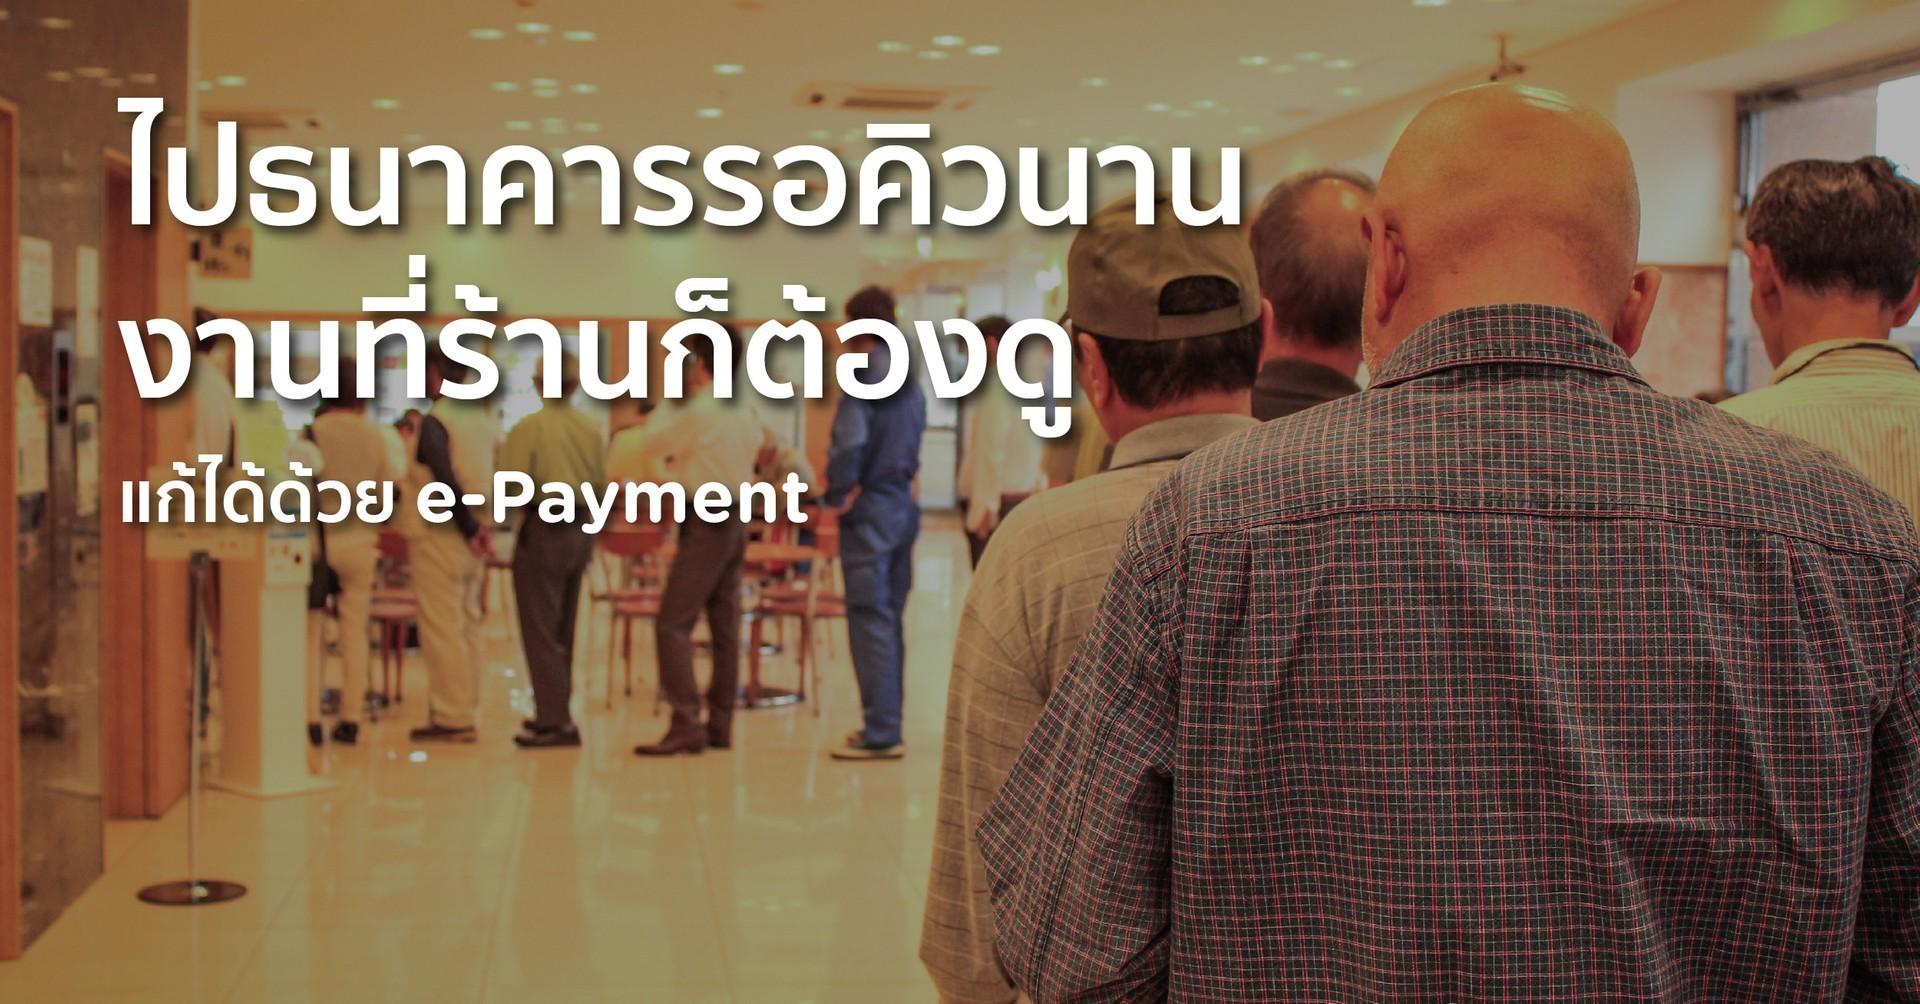 """""""เติมเงินตอนเช้า นับเงินตอนเย็น ปิดยอดไม่ตรง"""" ลองแบ่งมาใช้ e-payment Q"""